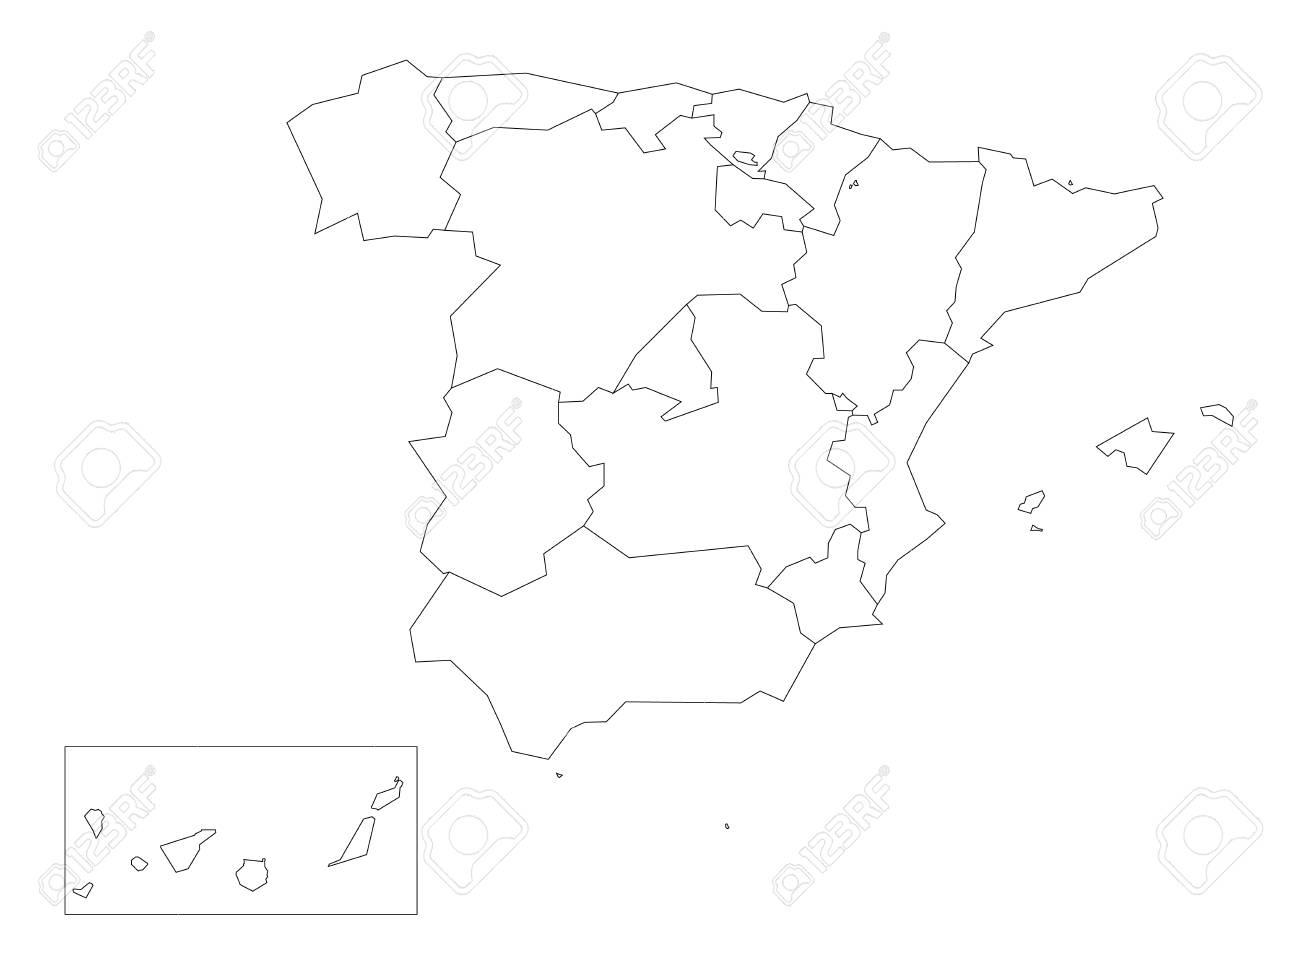 Spagna E Canarie Cartina.Vettoriale La Mappa Della Spagna E Stata Suddivisa In 17 Comunita Autonome Amministrative Contorno Nero Sottile Semplice Su Sfondo Bianco Image 87626095